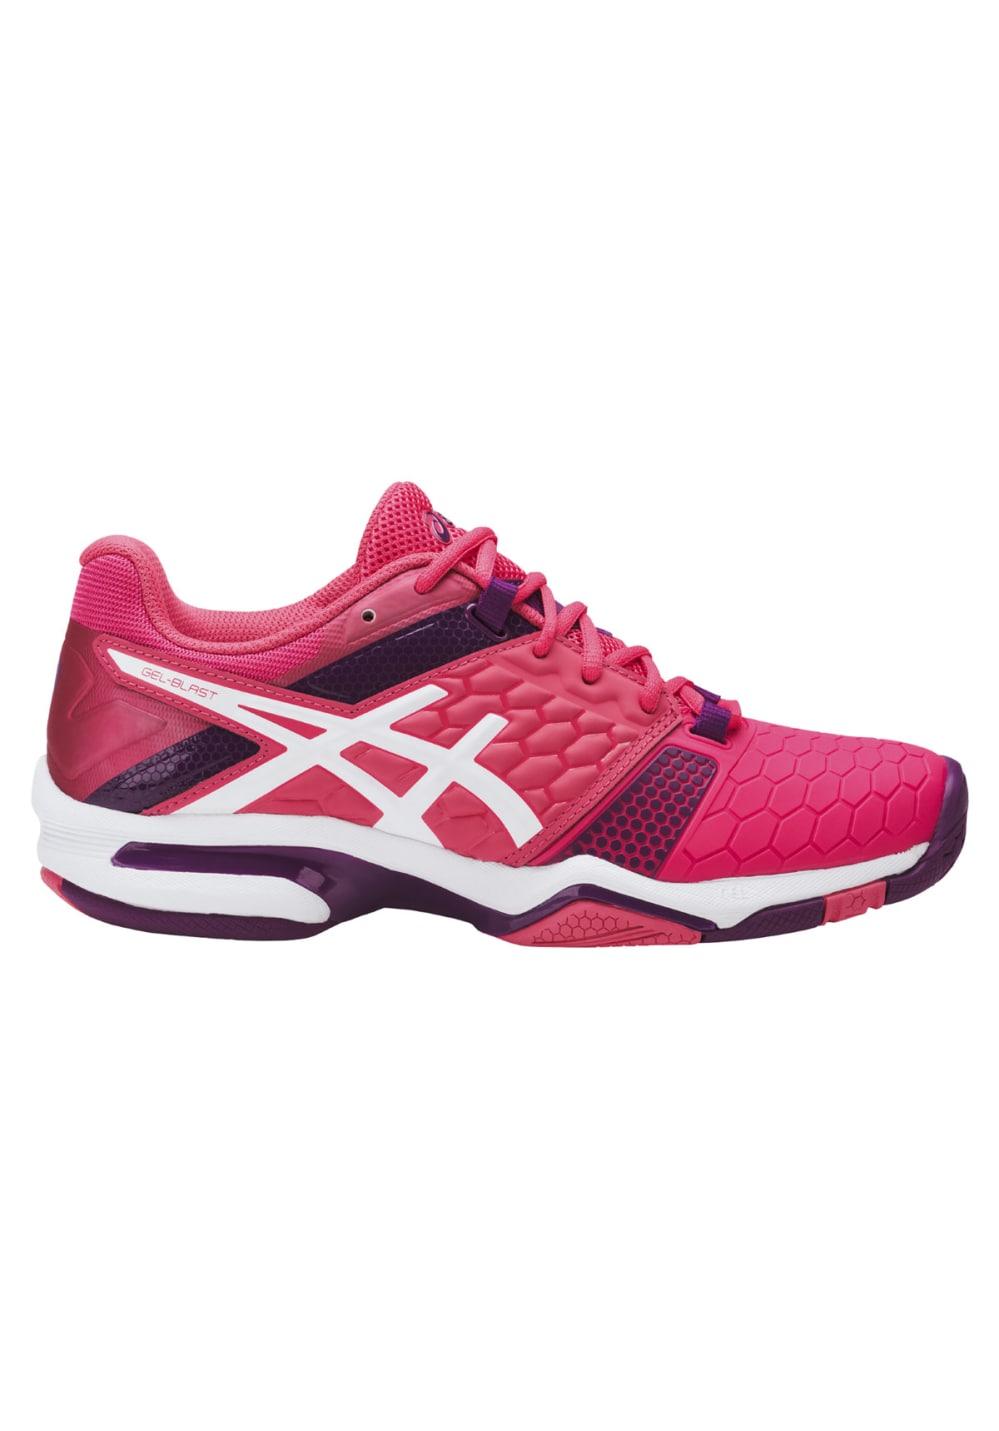 ASICS GEL-Blast 7 - Handballschuhe für Damen - Pink